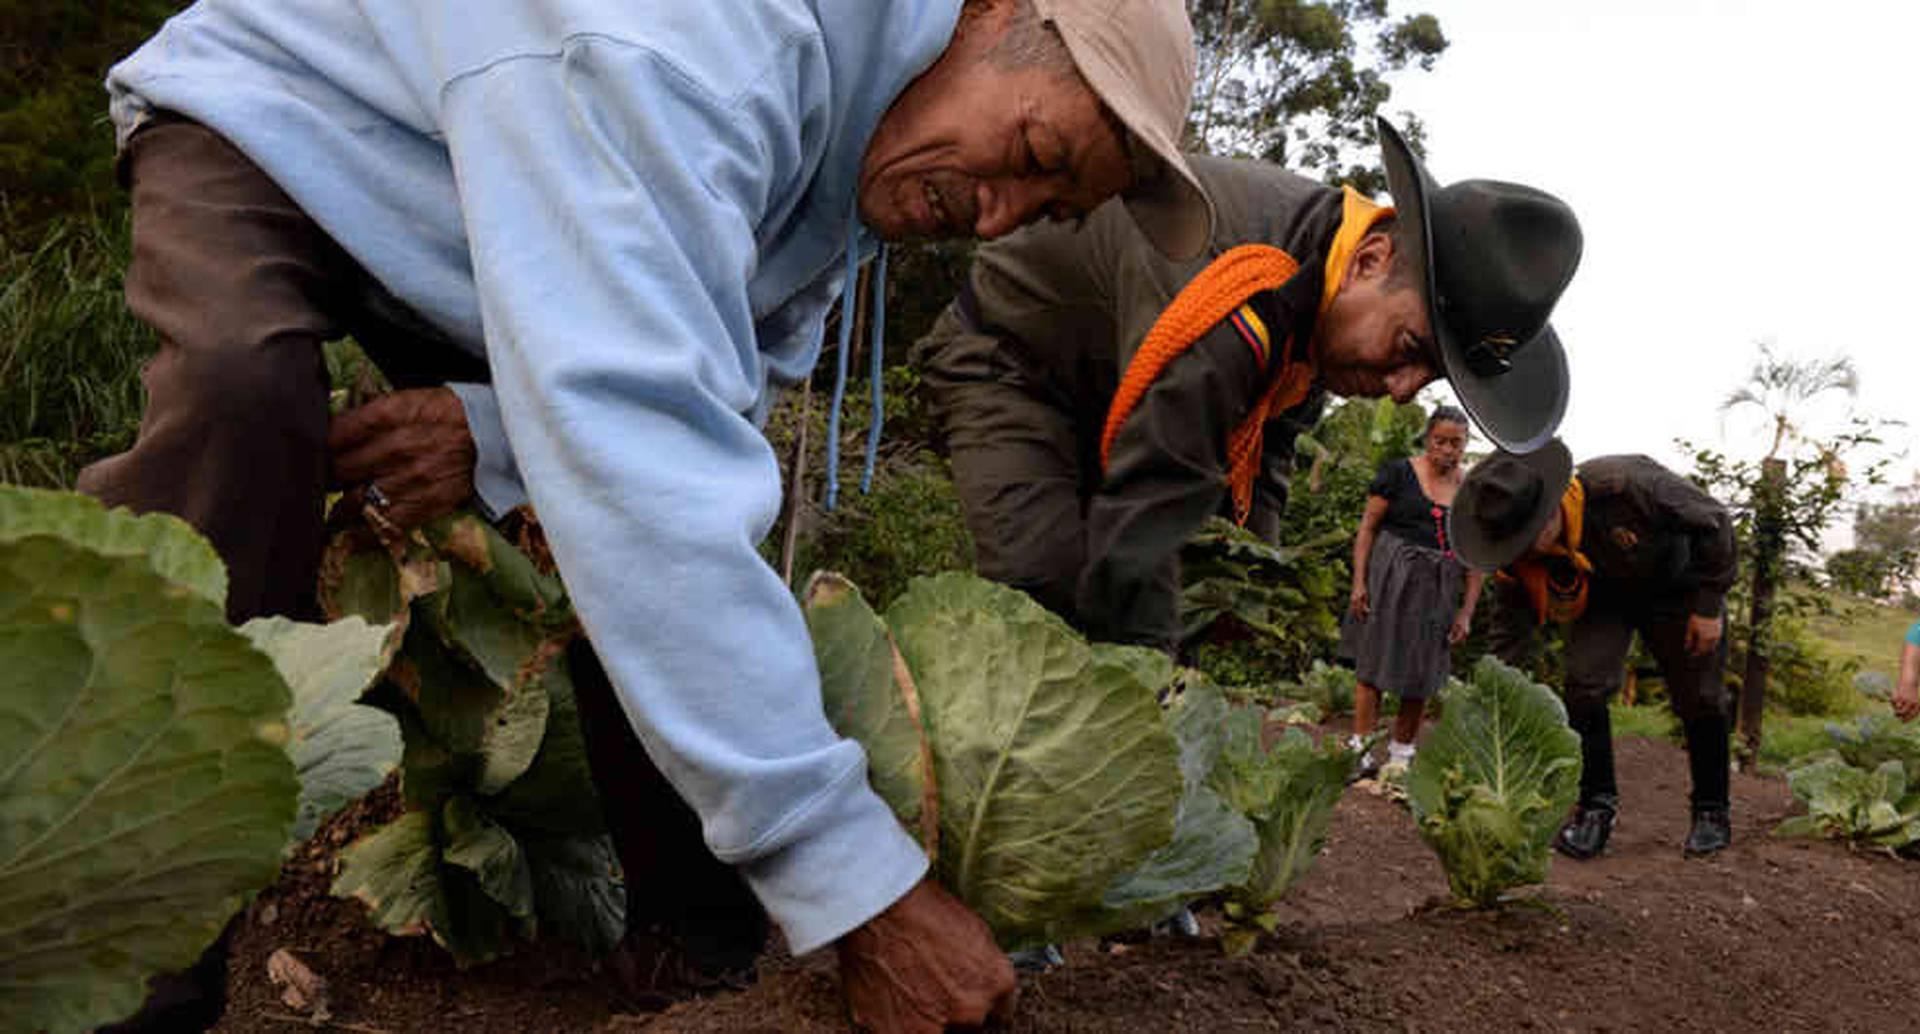 La idea de la Dirección de Carabineros es desplegar grupos de guardabosques en el Parque Arví, en el Valle del Cocora, en el Tayrona y en Leticia.